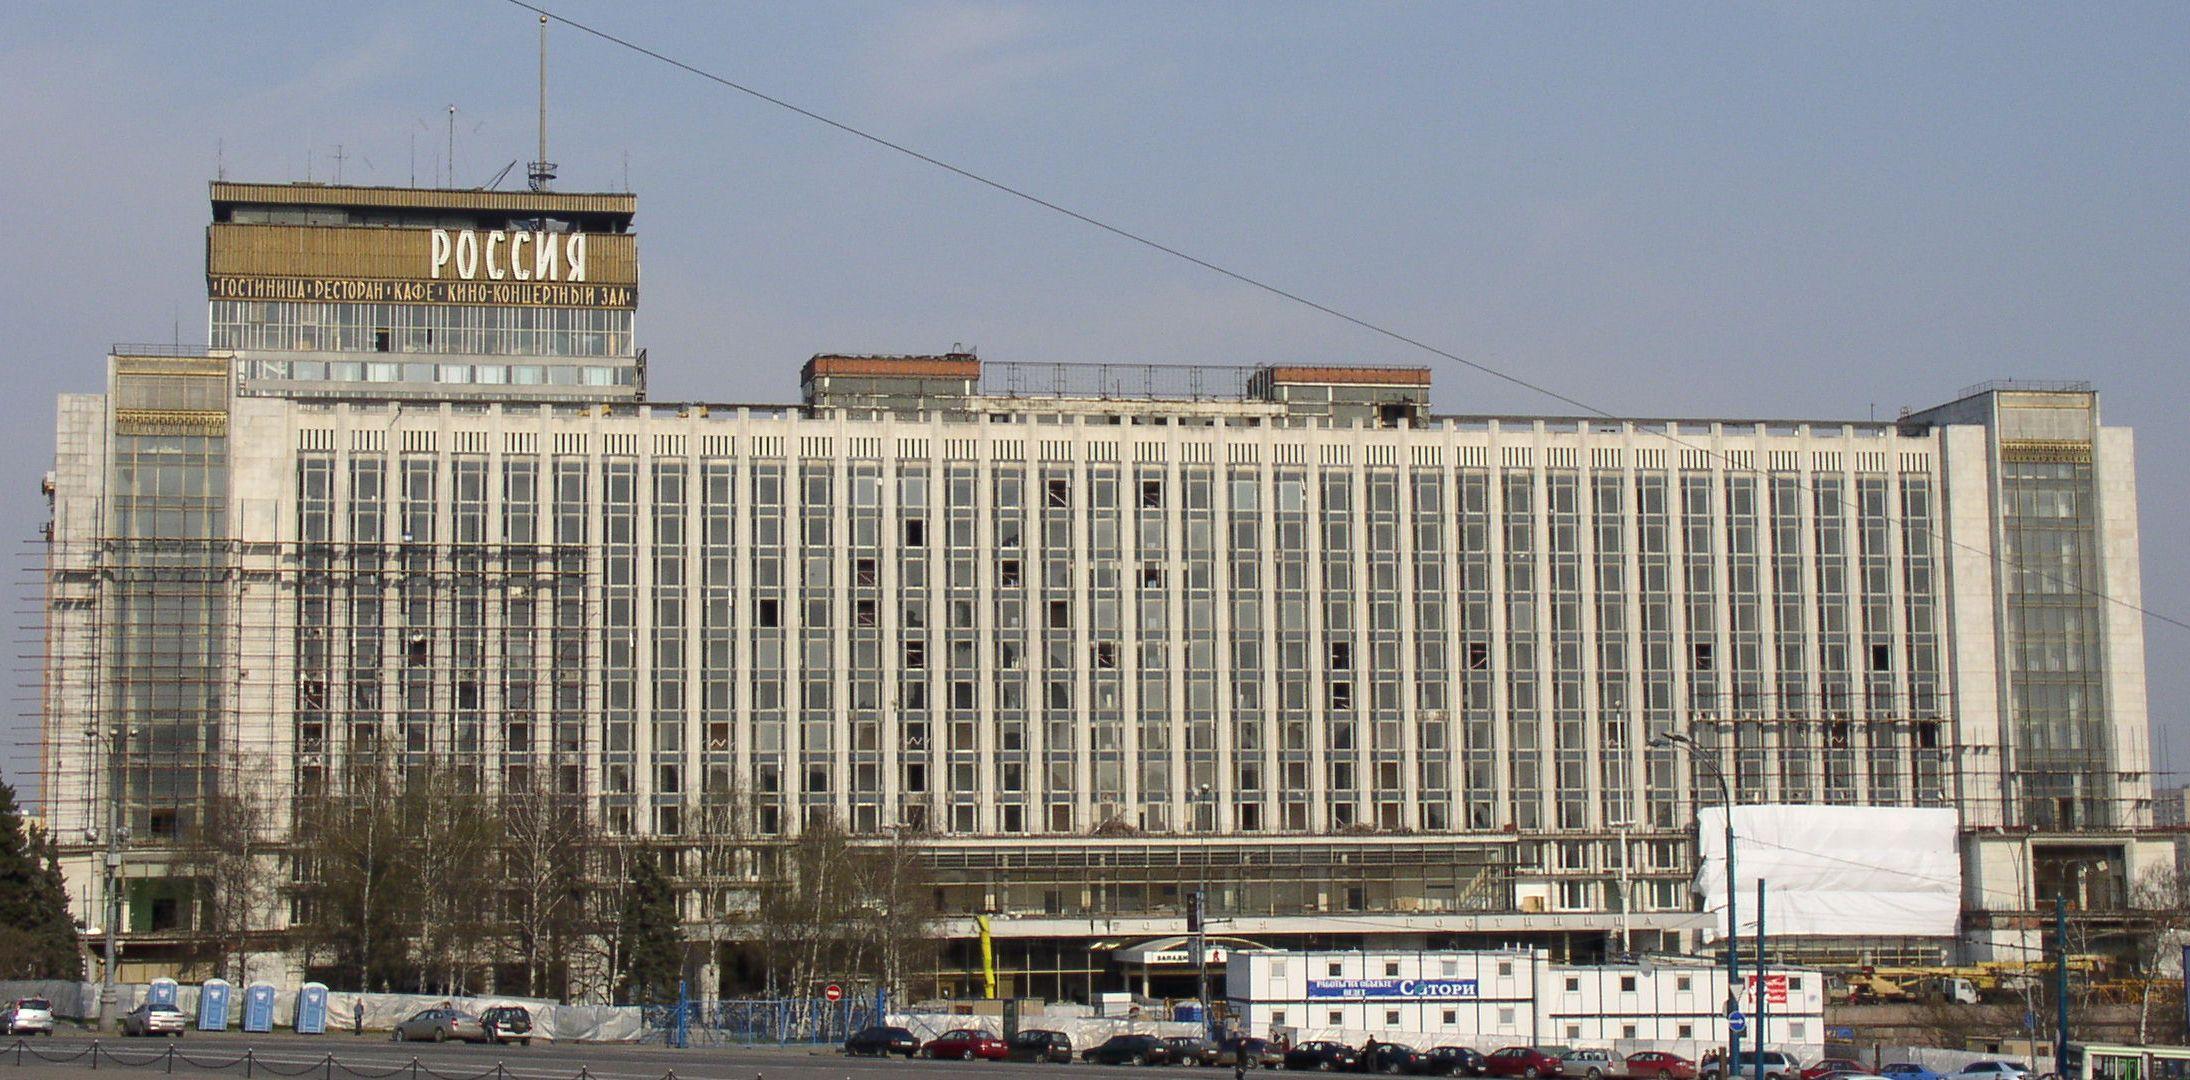 пожар в гостинице россия в 1977 году